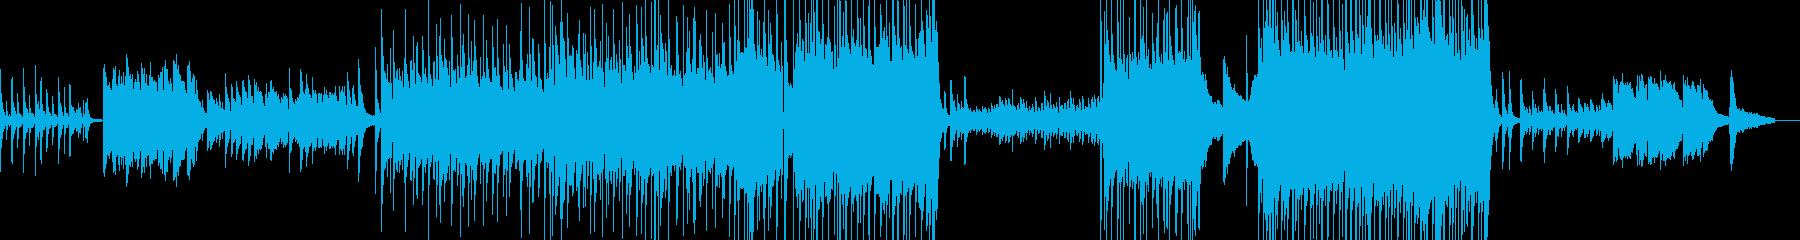 孤独で切ないピアノバラードの再生済みの波形